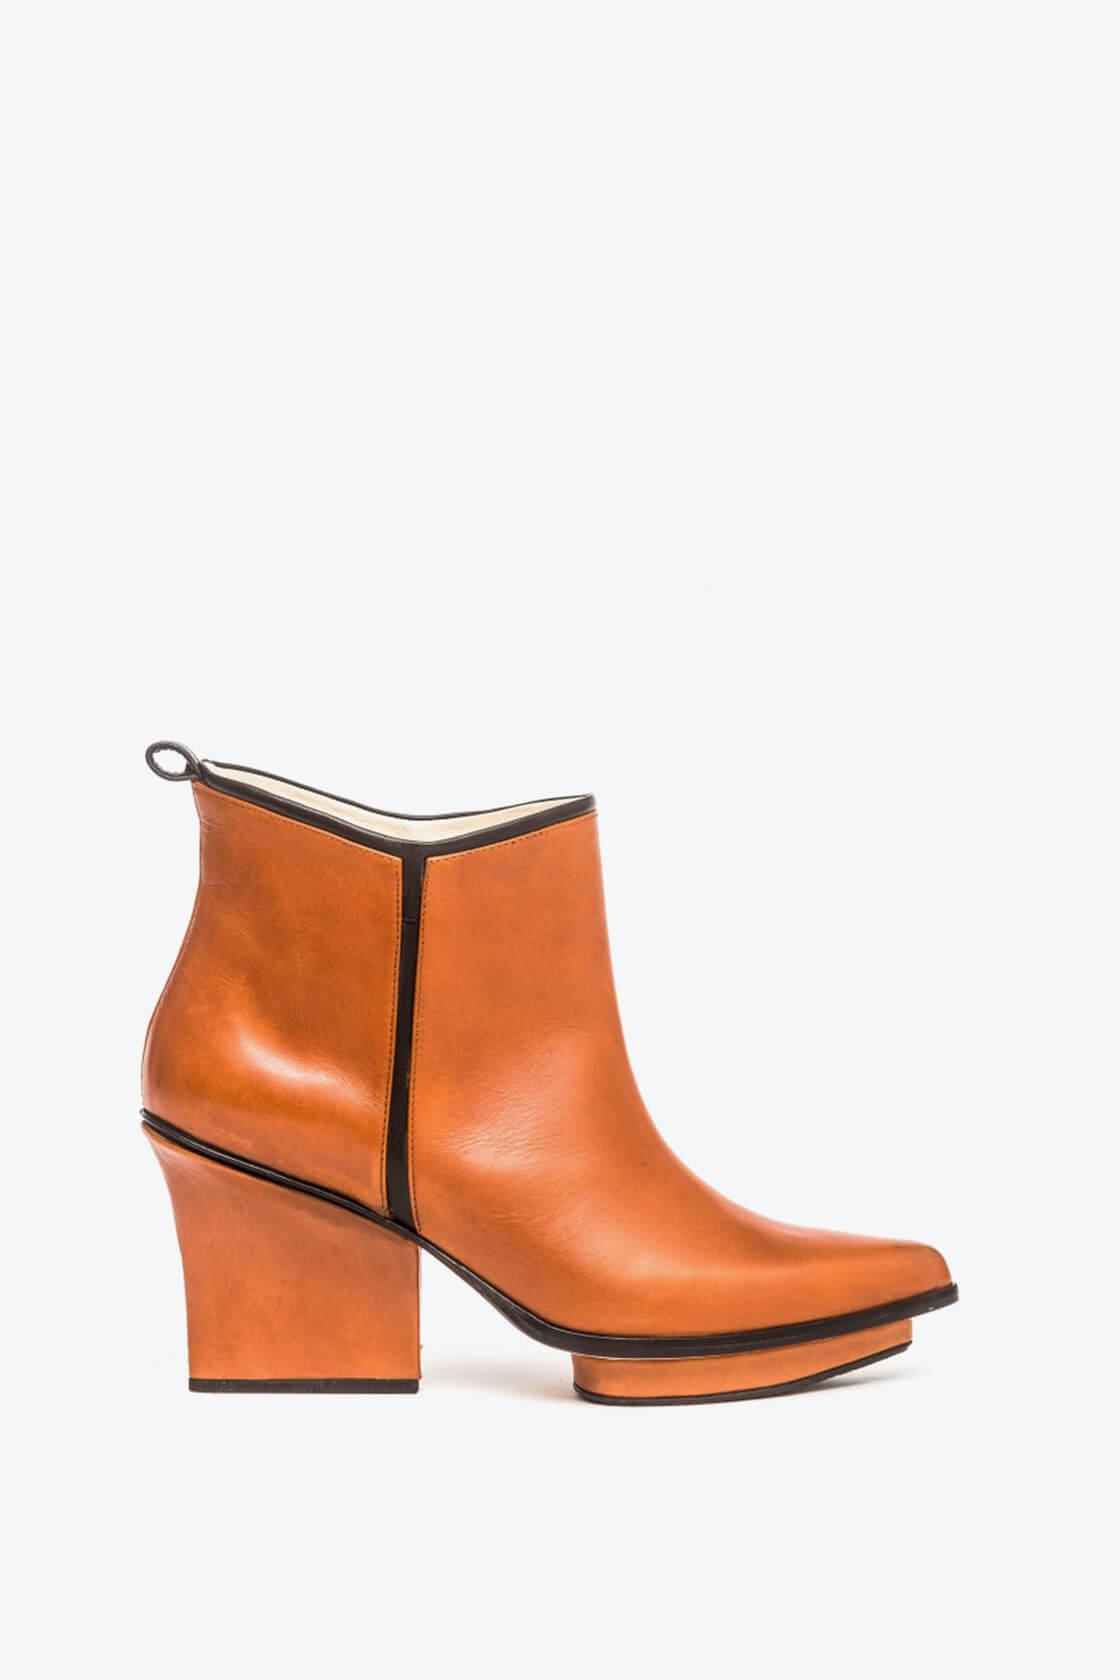 EJK0000019 Glenn ankle boots dark camel 1